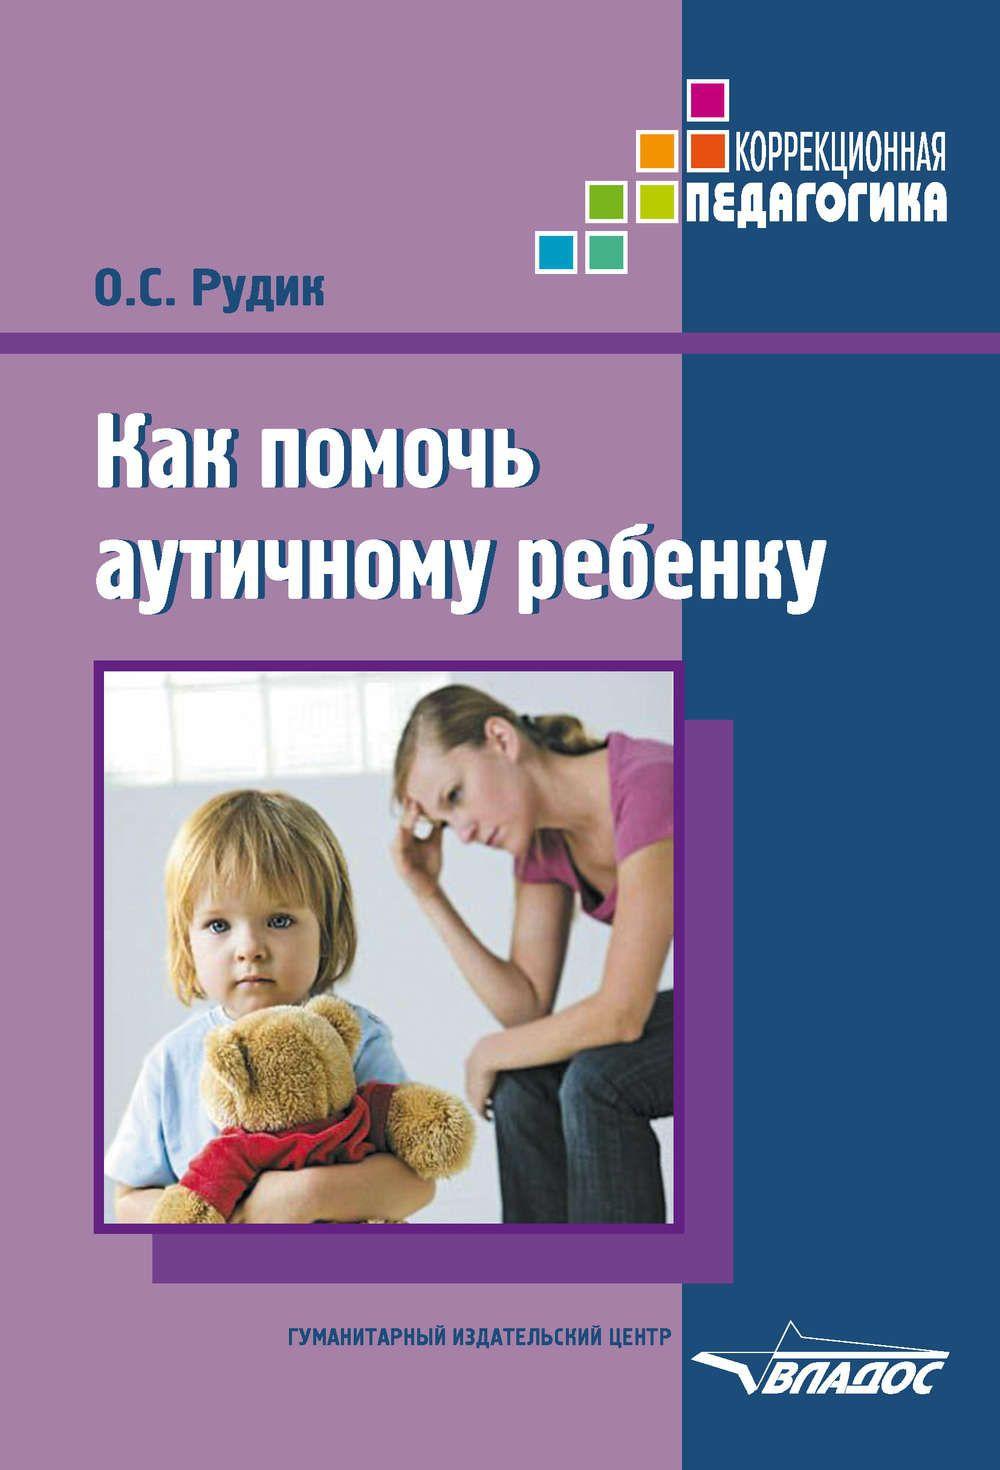 Купить Как помочь аутичному ребенку. Книга для родителей. Методическое пособие, Ольга Рудик, 978-5-691-02066-7